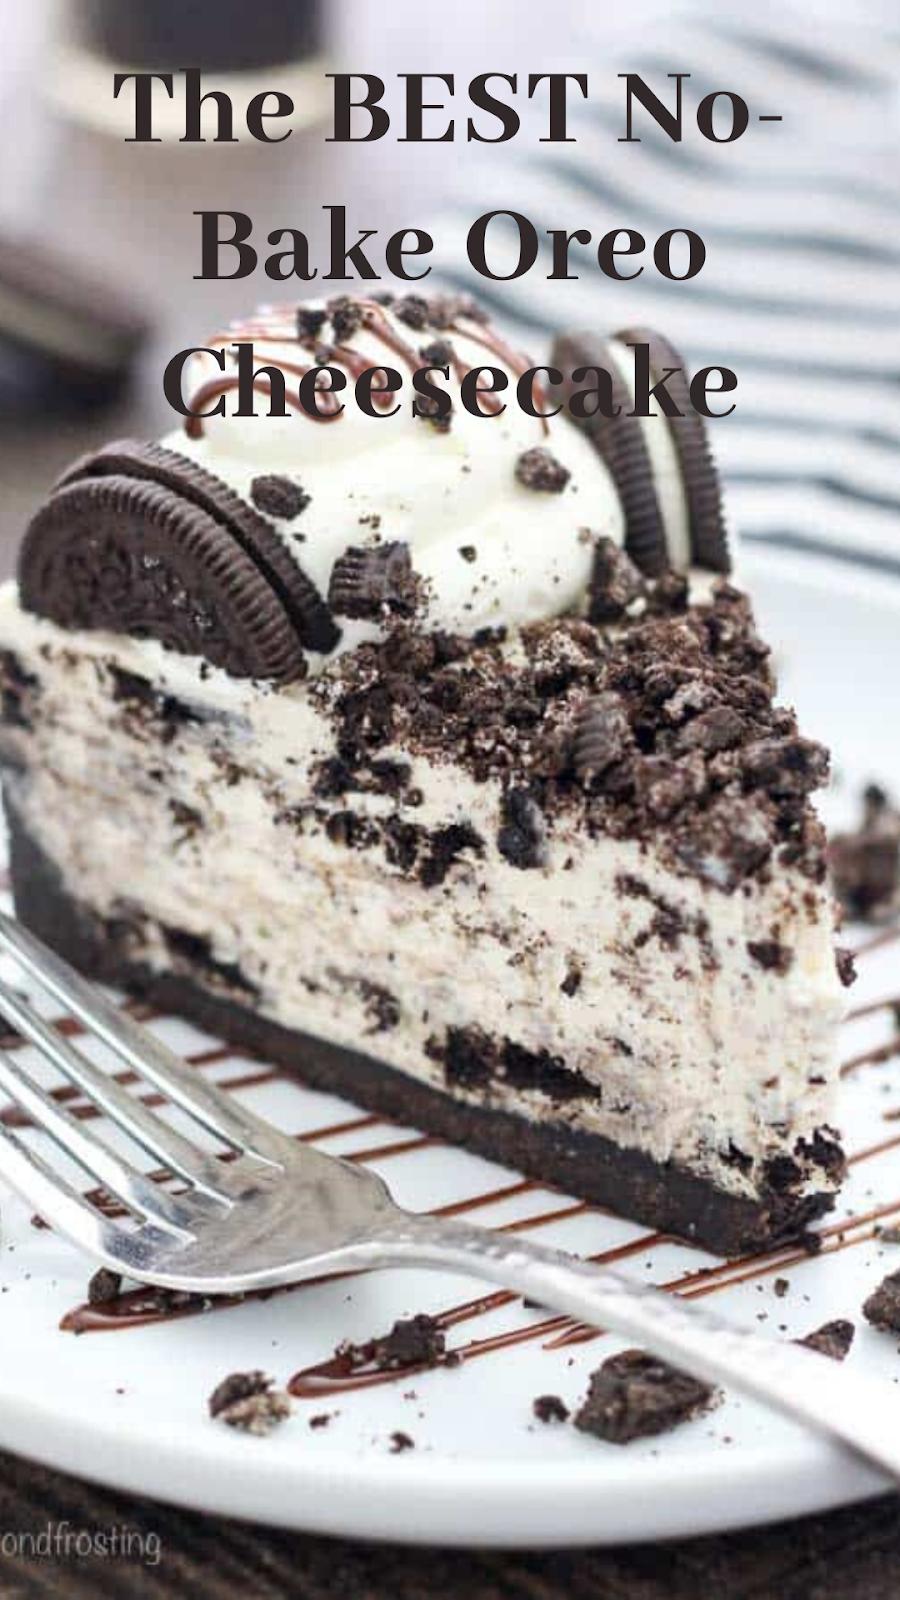 The BEST No-Bake Oreo Cheesecake